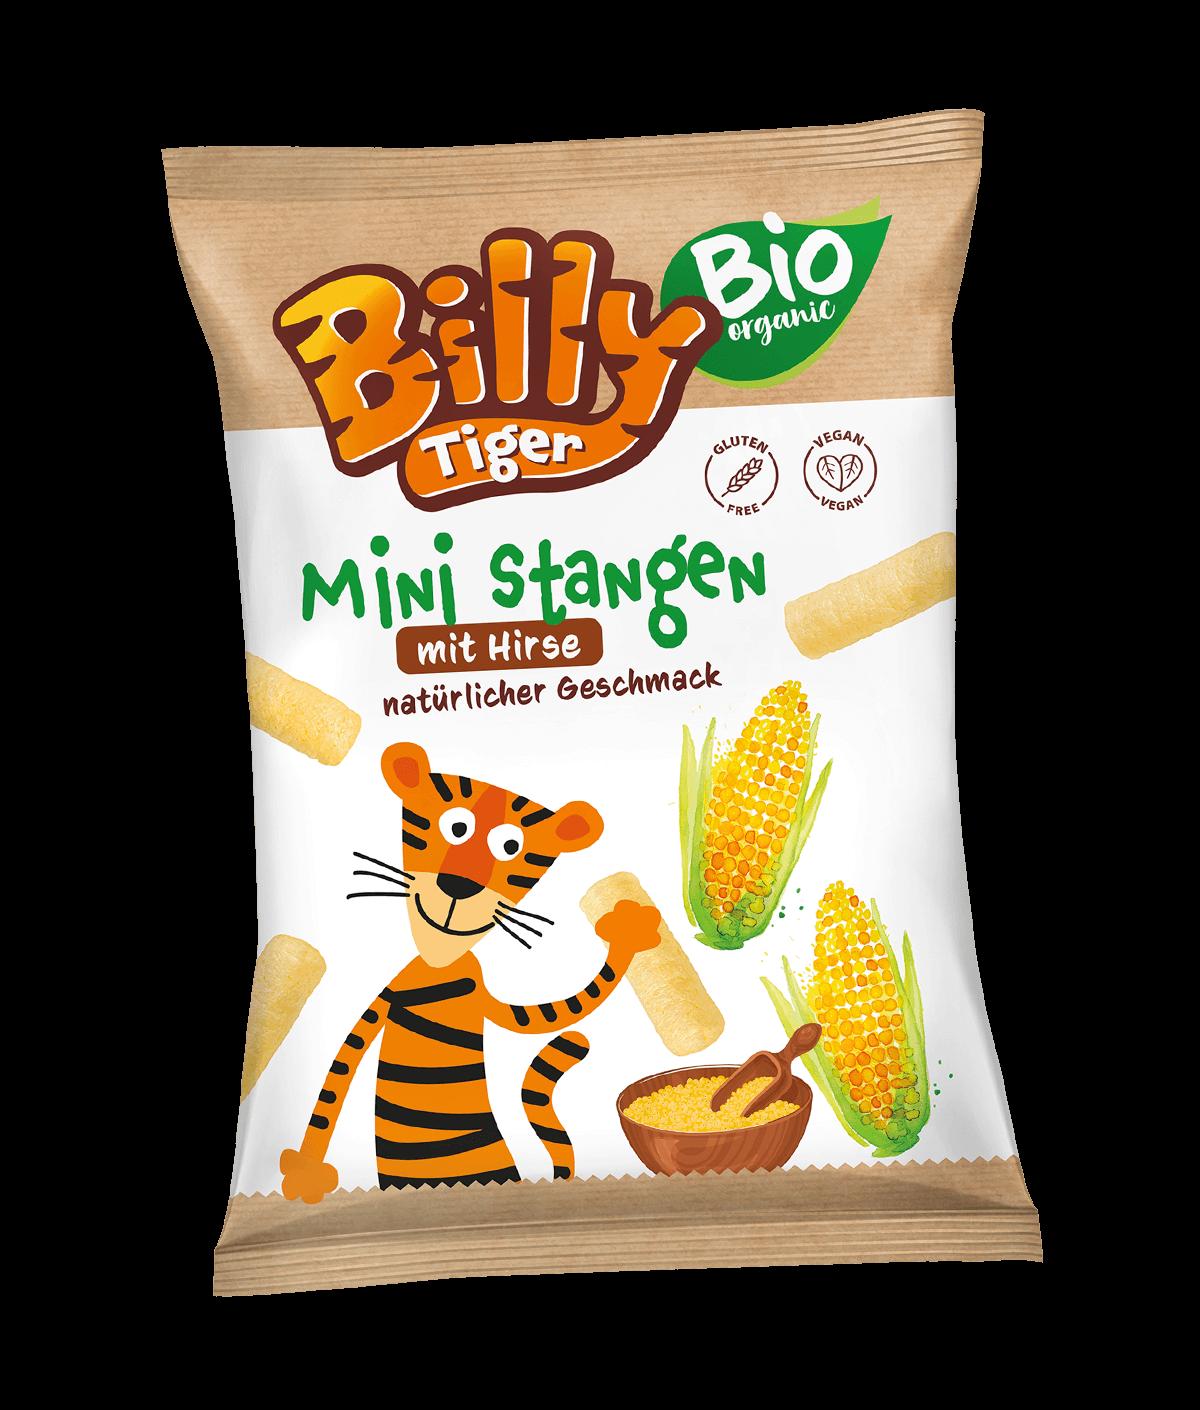 Billy Tiger Ministangen 30g Hirse_EAN 5903018640709